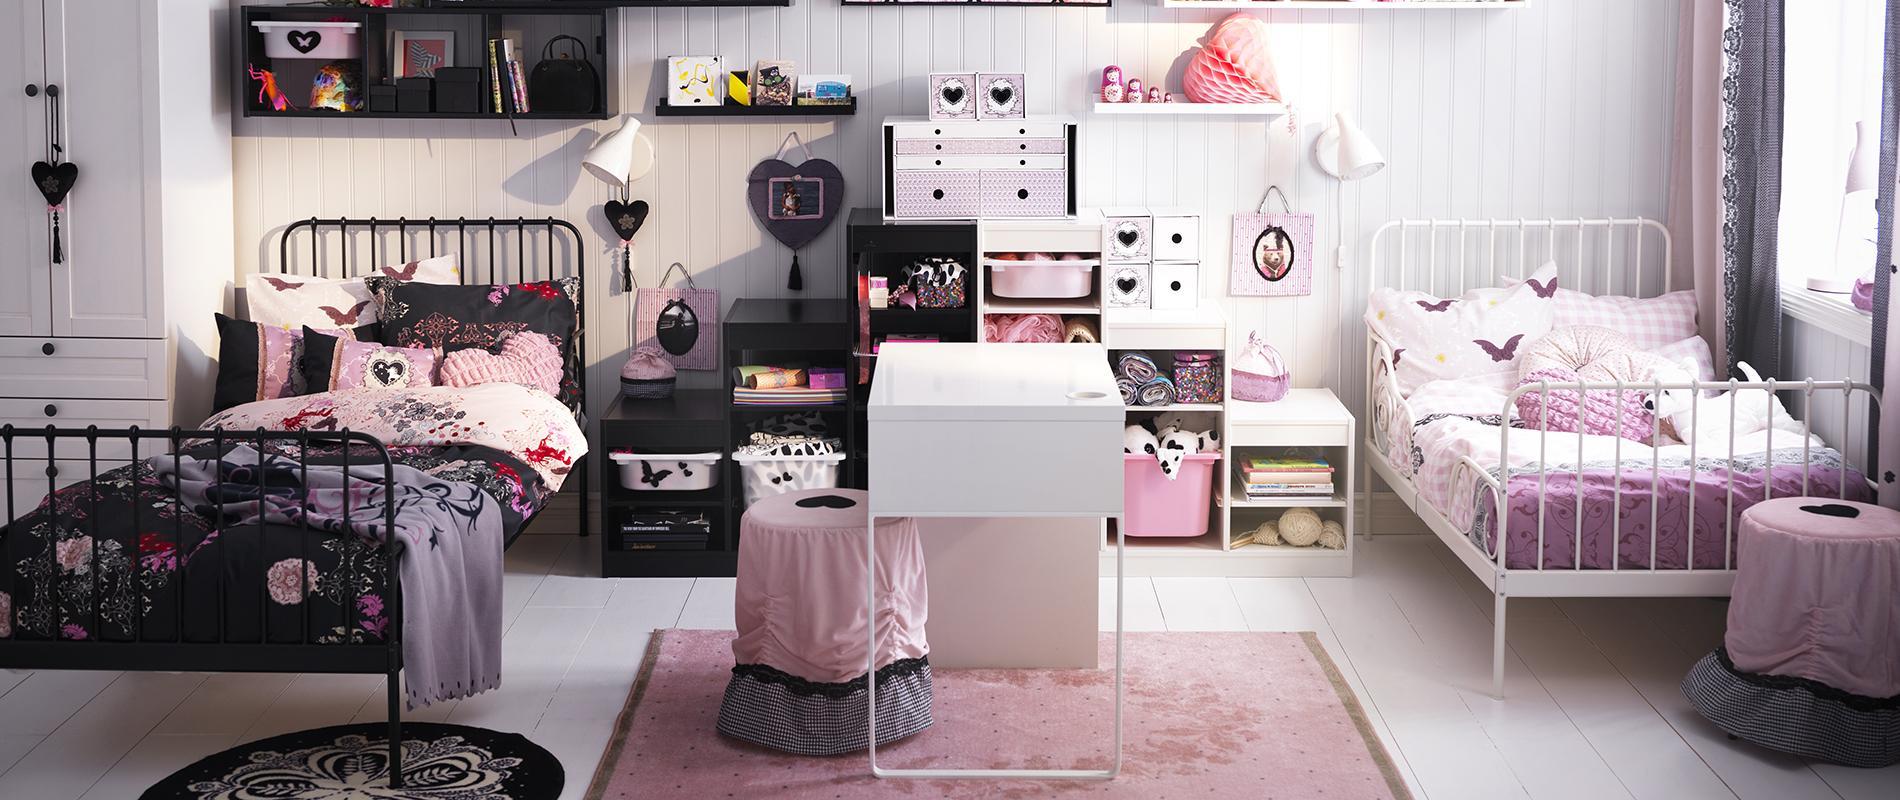 Une chambre pour deux mais chacun son espace madame figaro - Chambre de fille ikea ...